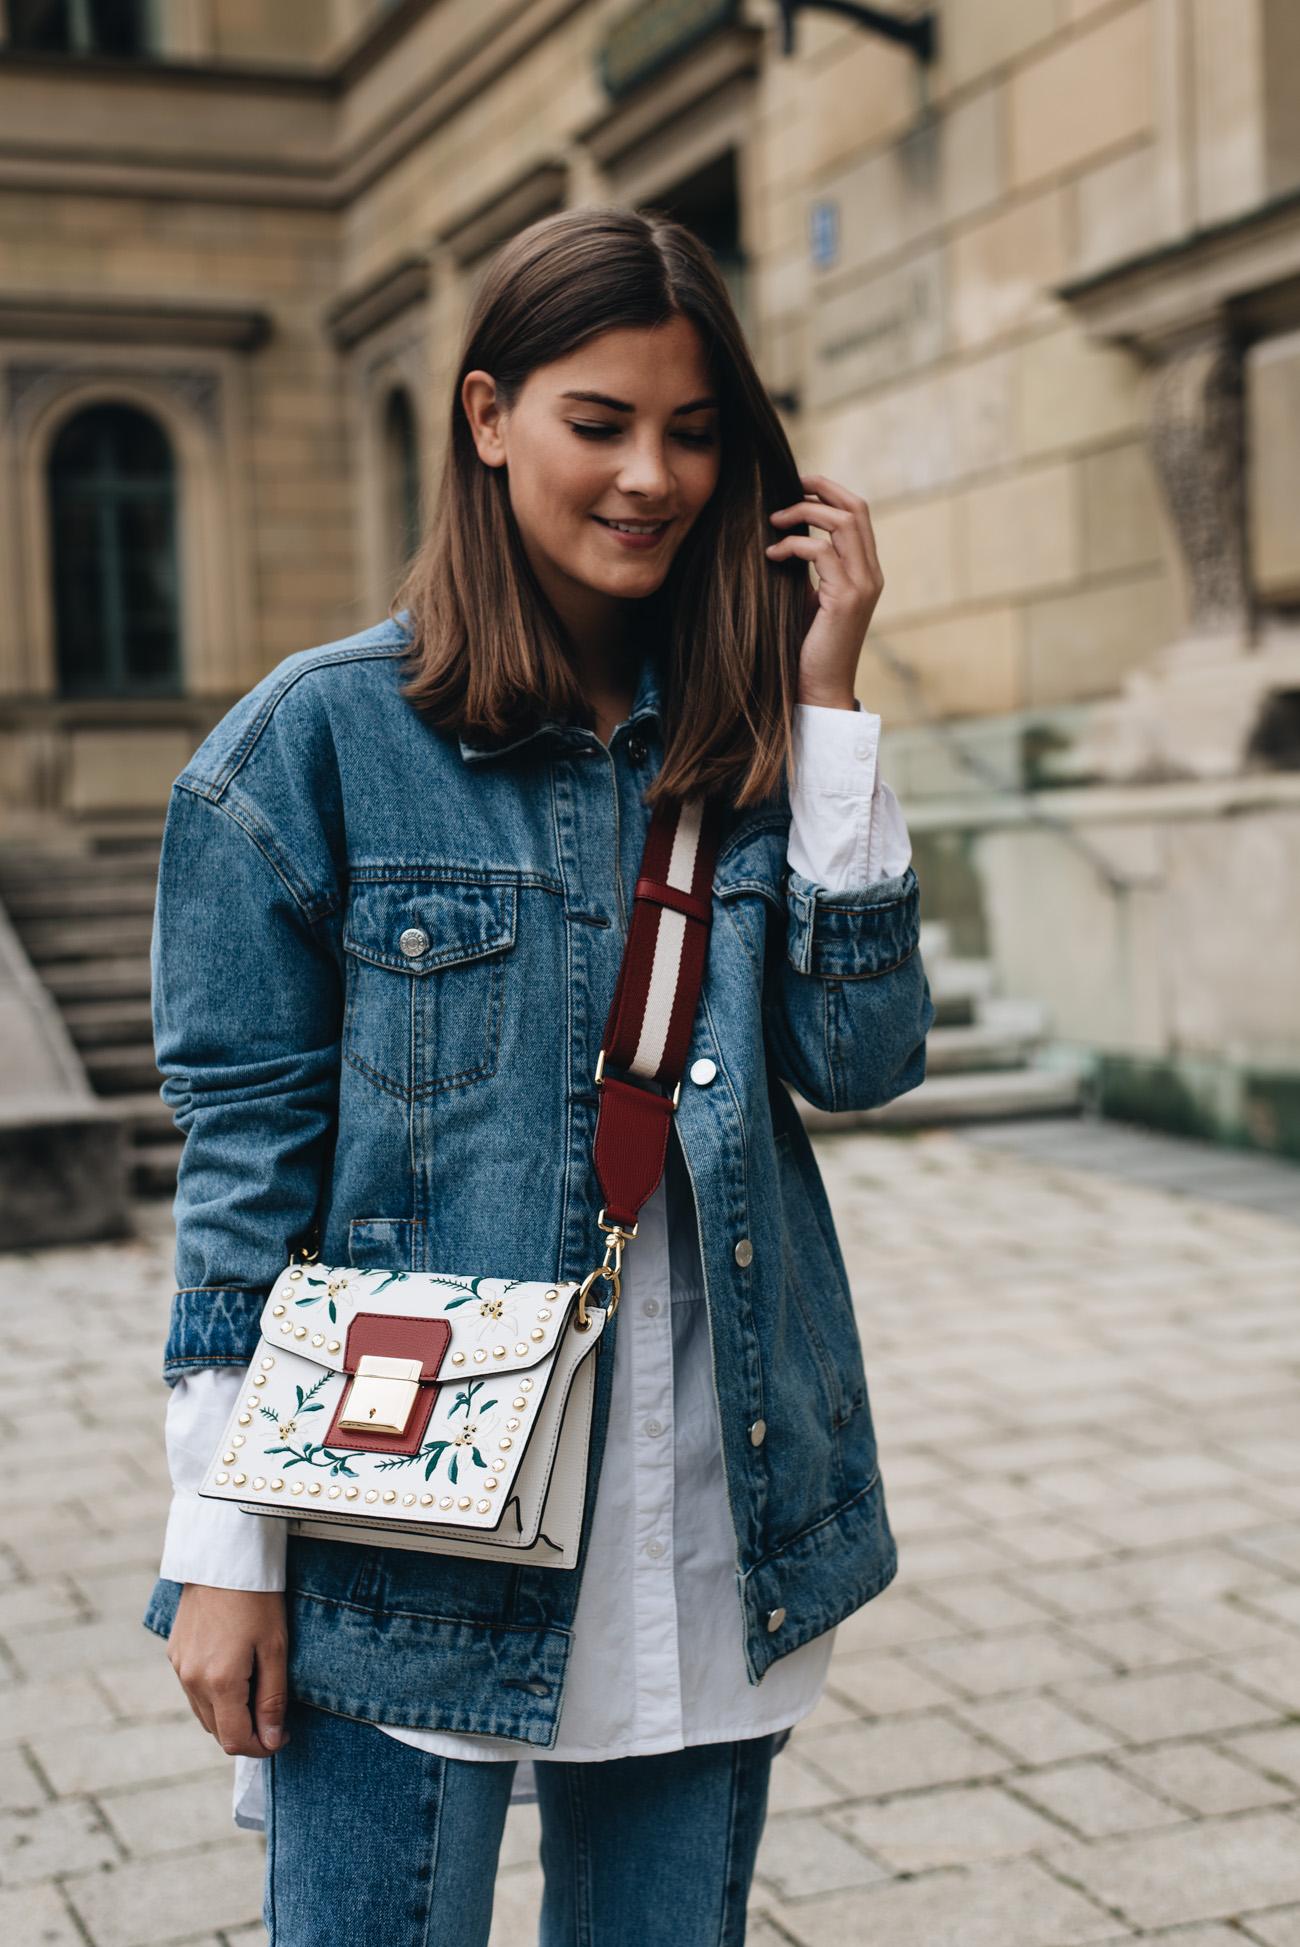 oversize-jeans-jacke-bally-grimoire-handtasche-blumen-muster-fashion-blogger-deutschland-nina-schwichtenberg-fashiioncarpet